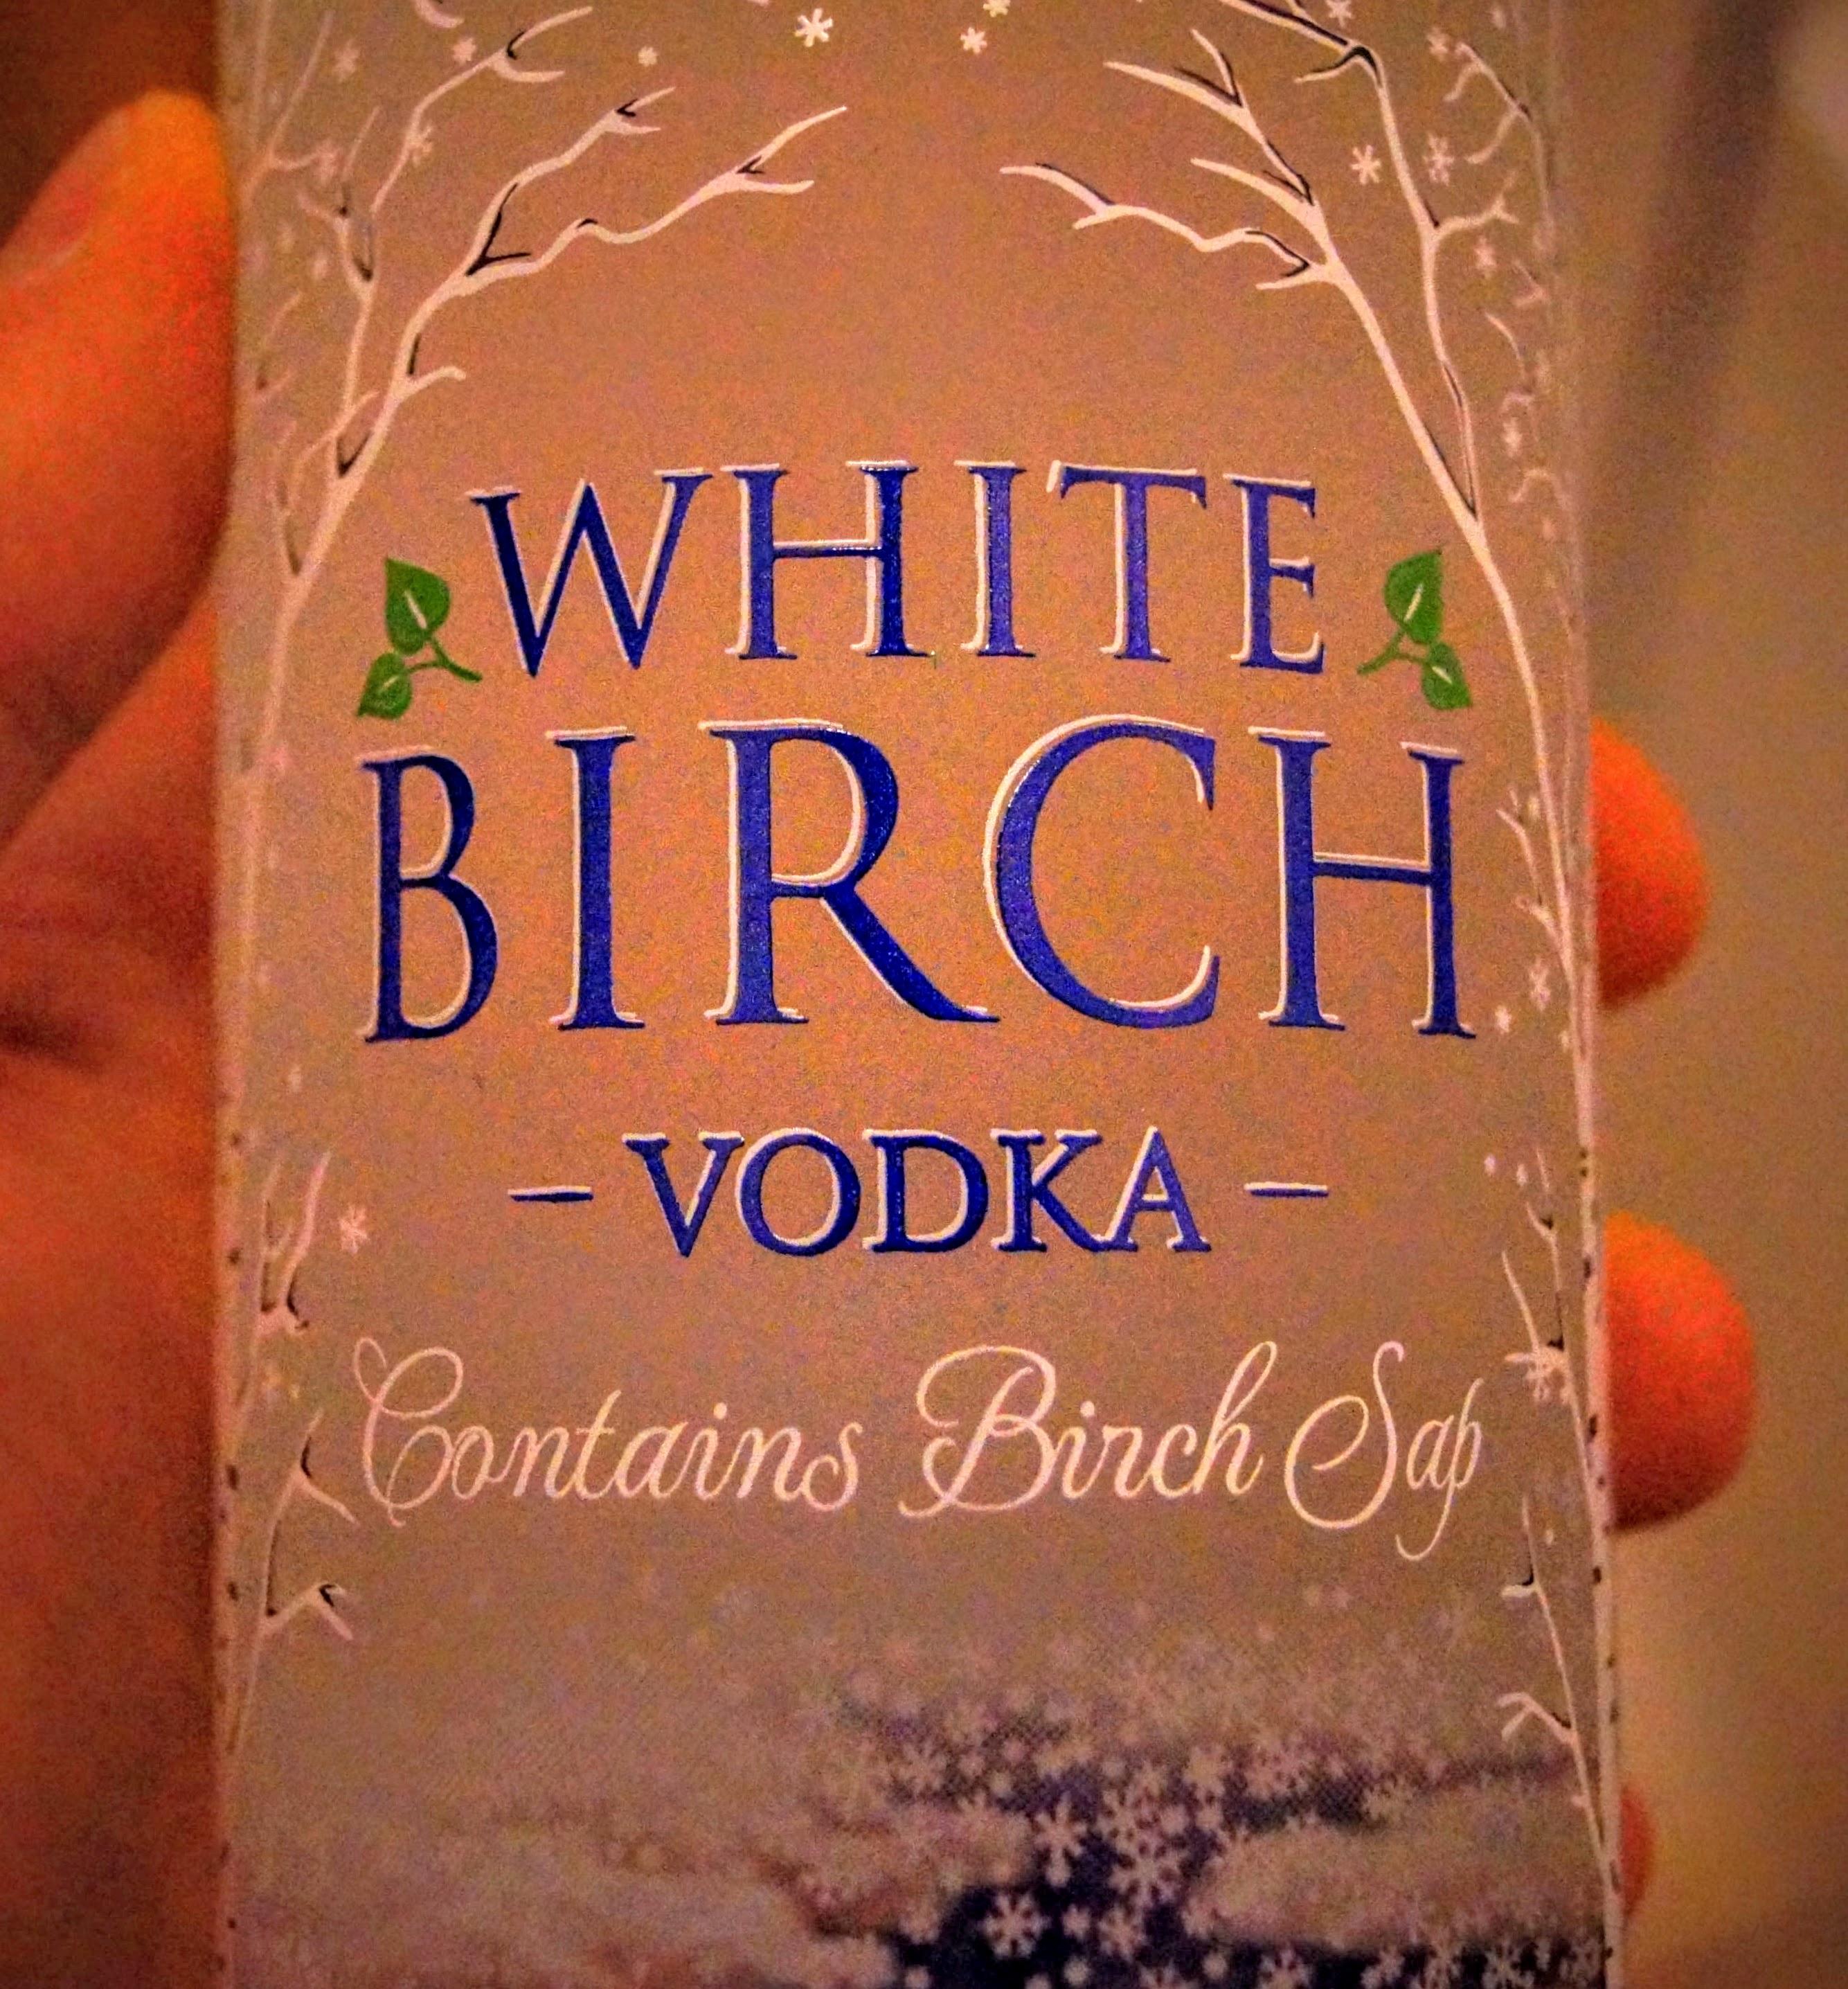 Mit was kann man wodka mischen